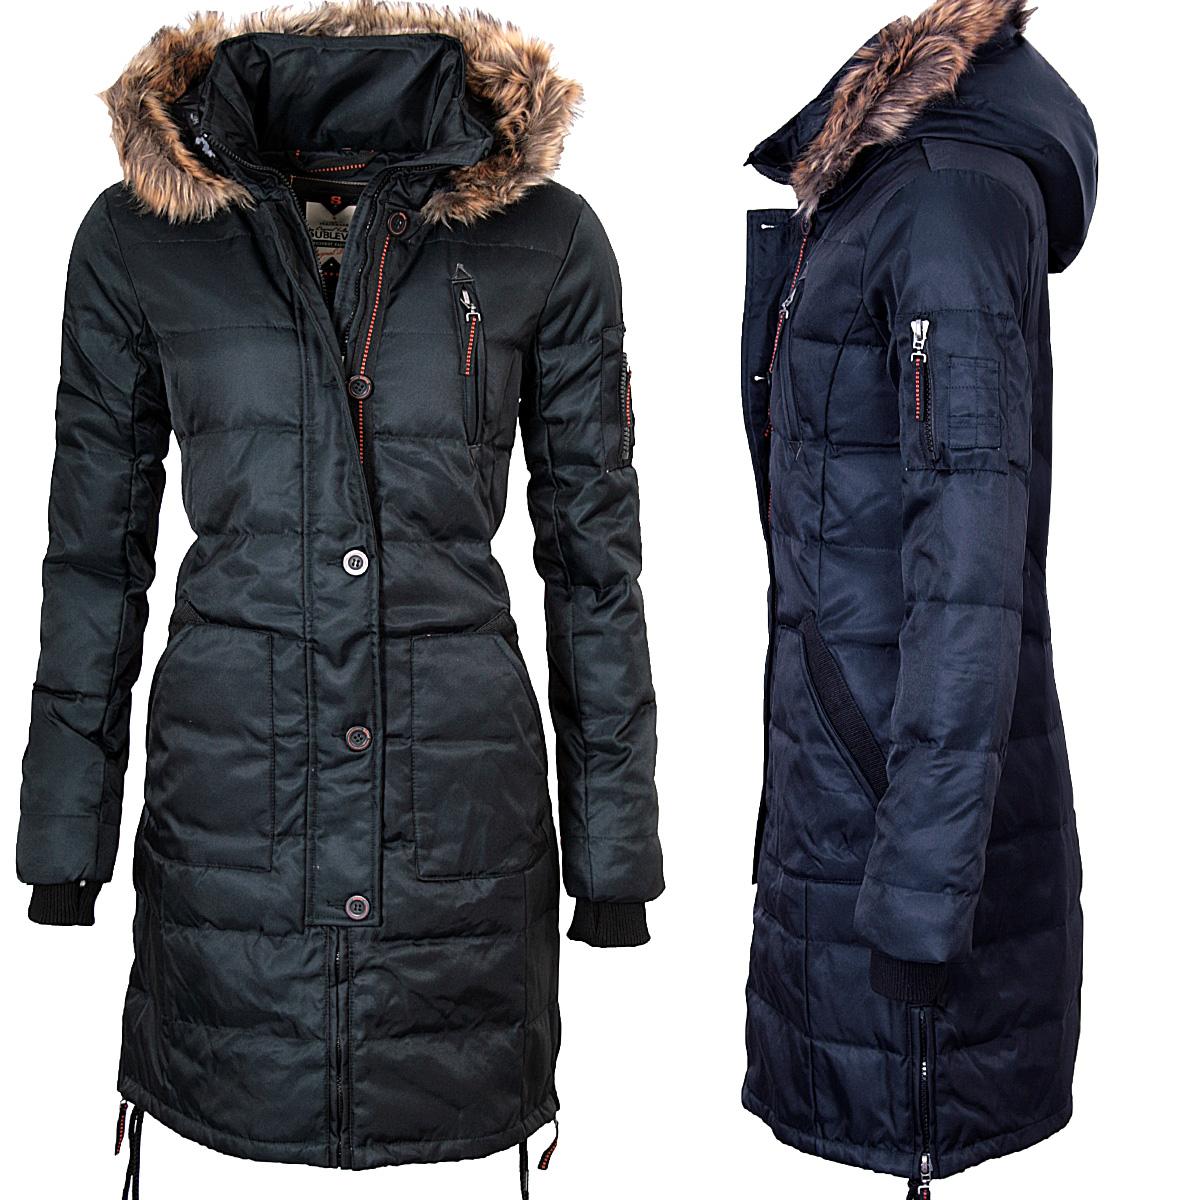 Abrigo largo plumon mujer